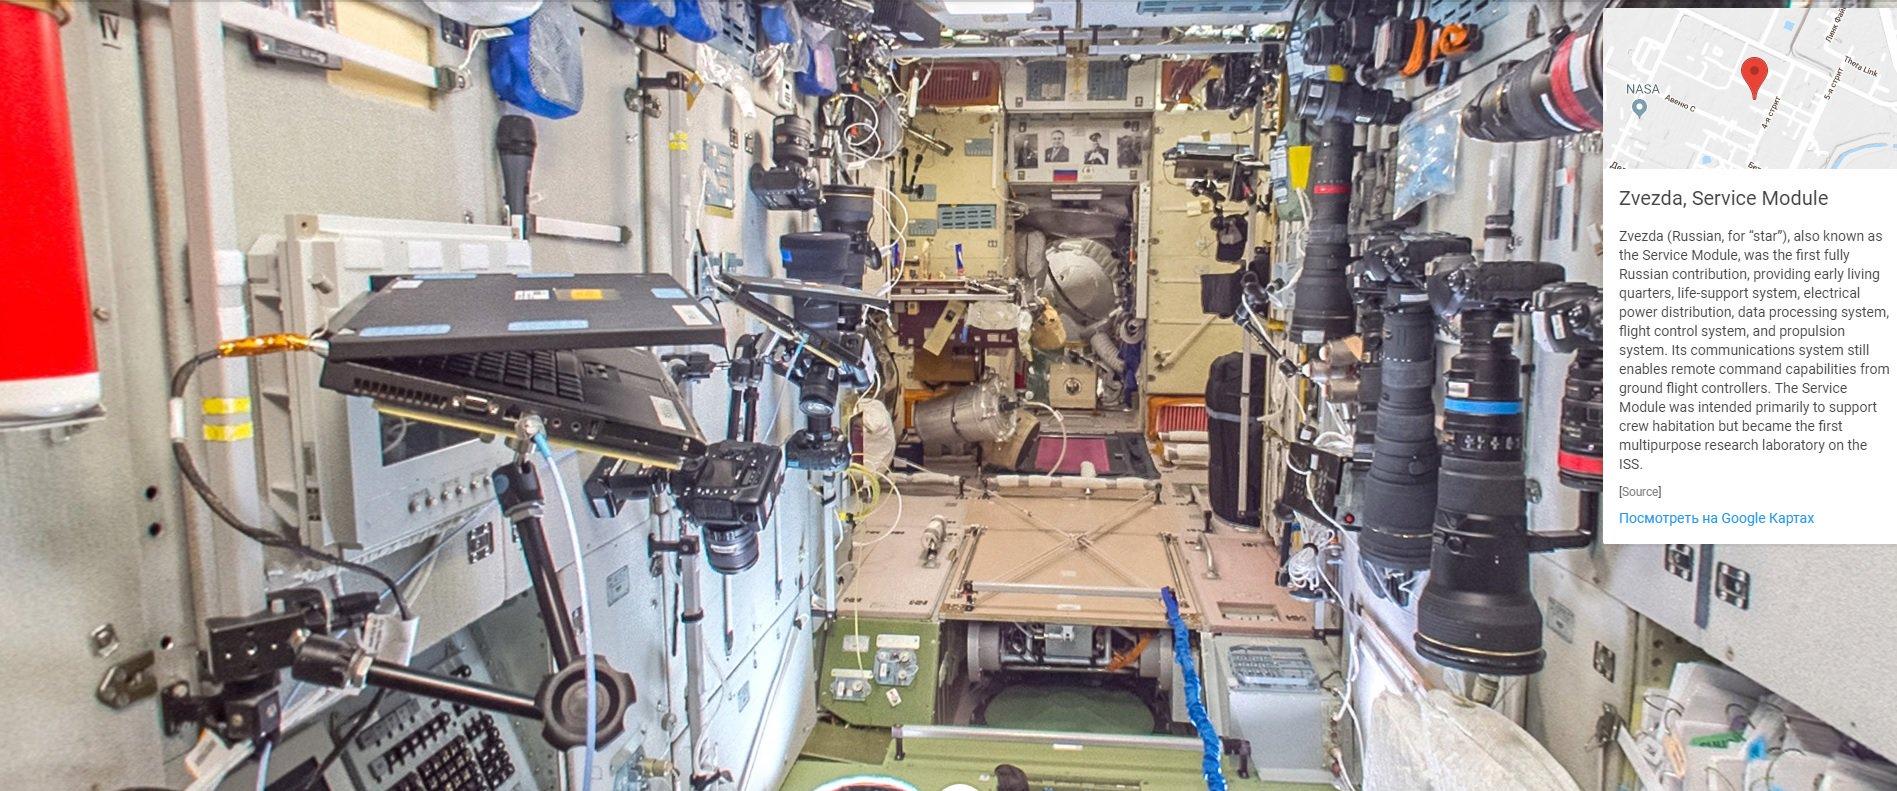 Хотите погулять внутри Международной космической станции?